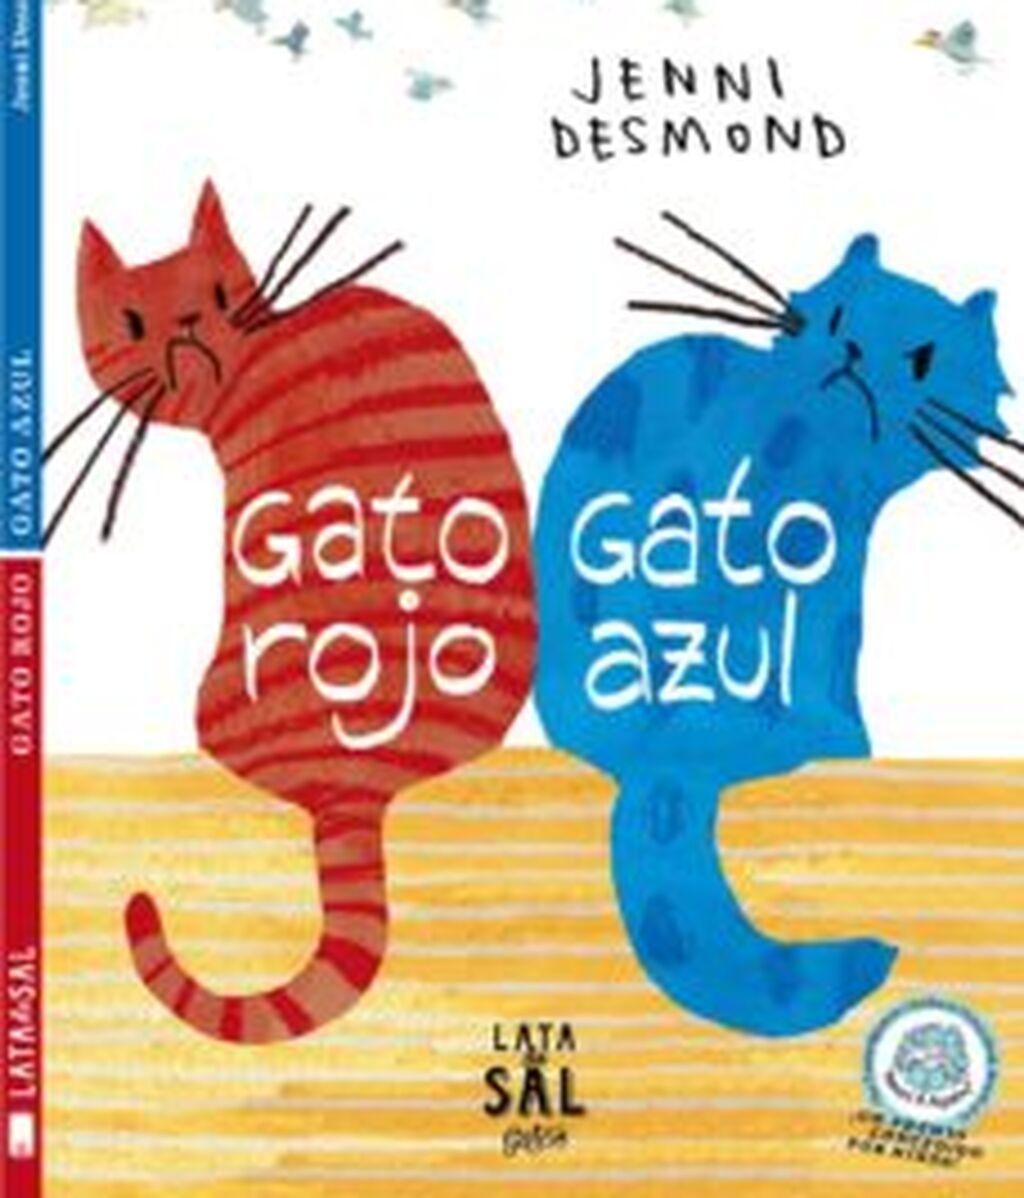 gato-rojo.gato-azul